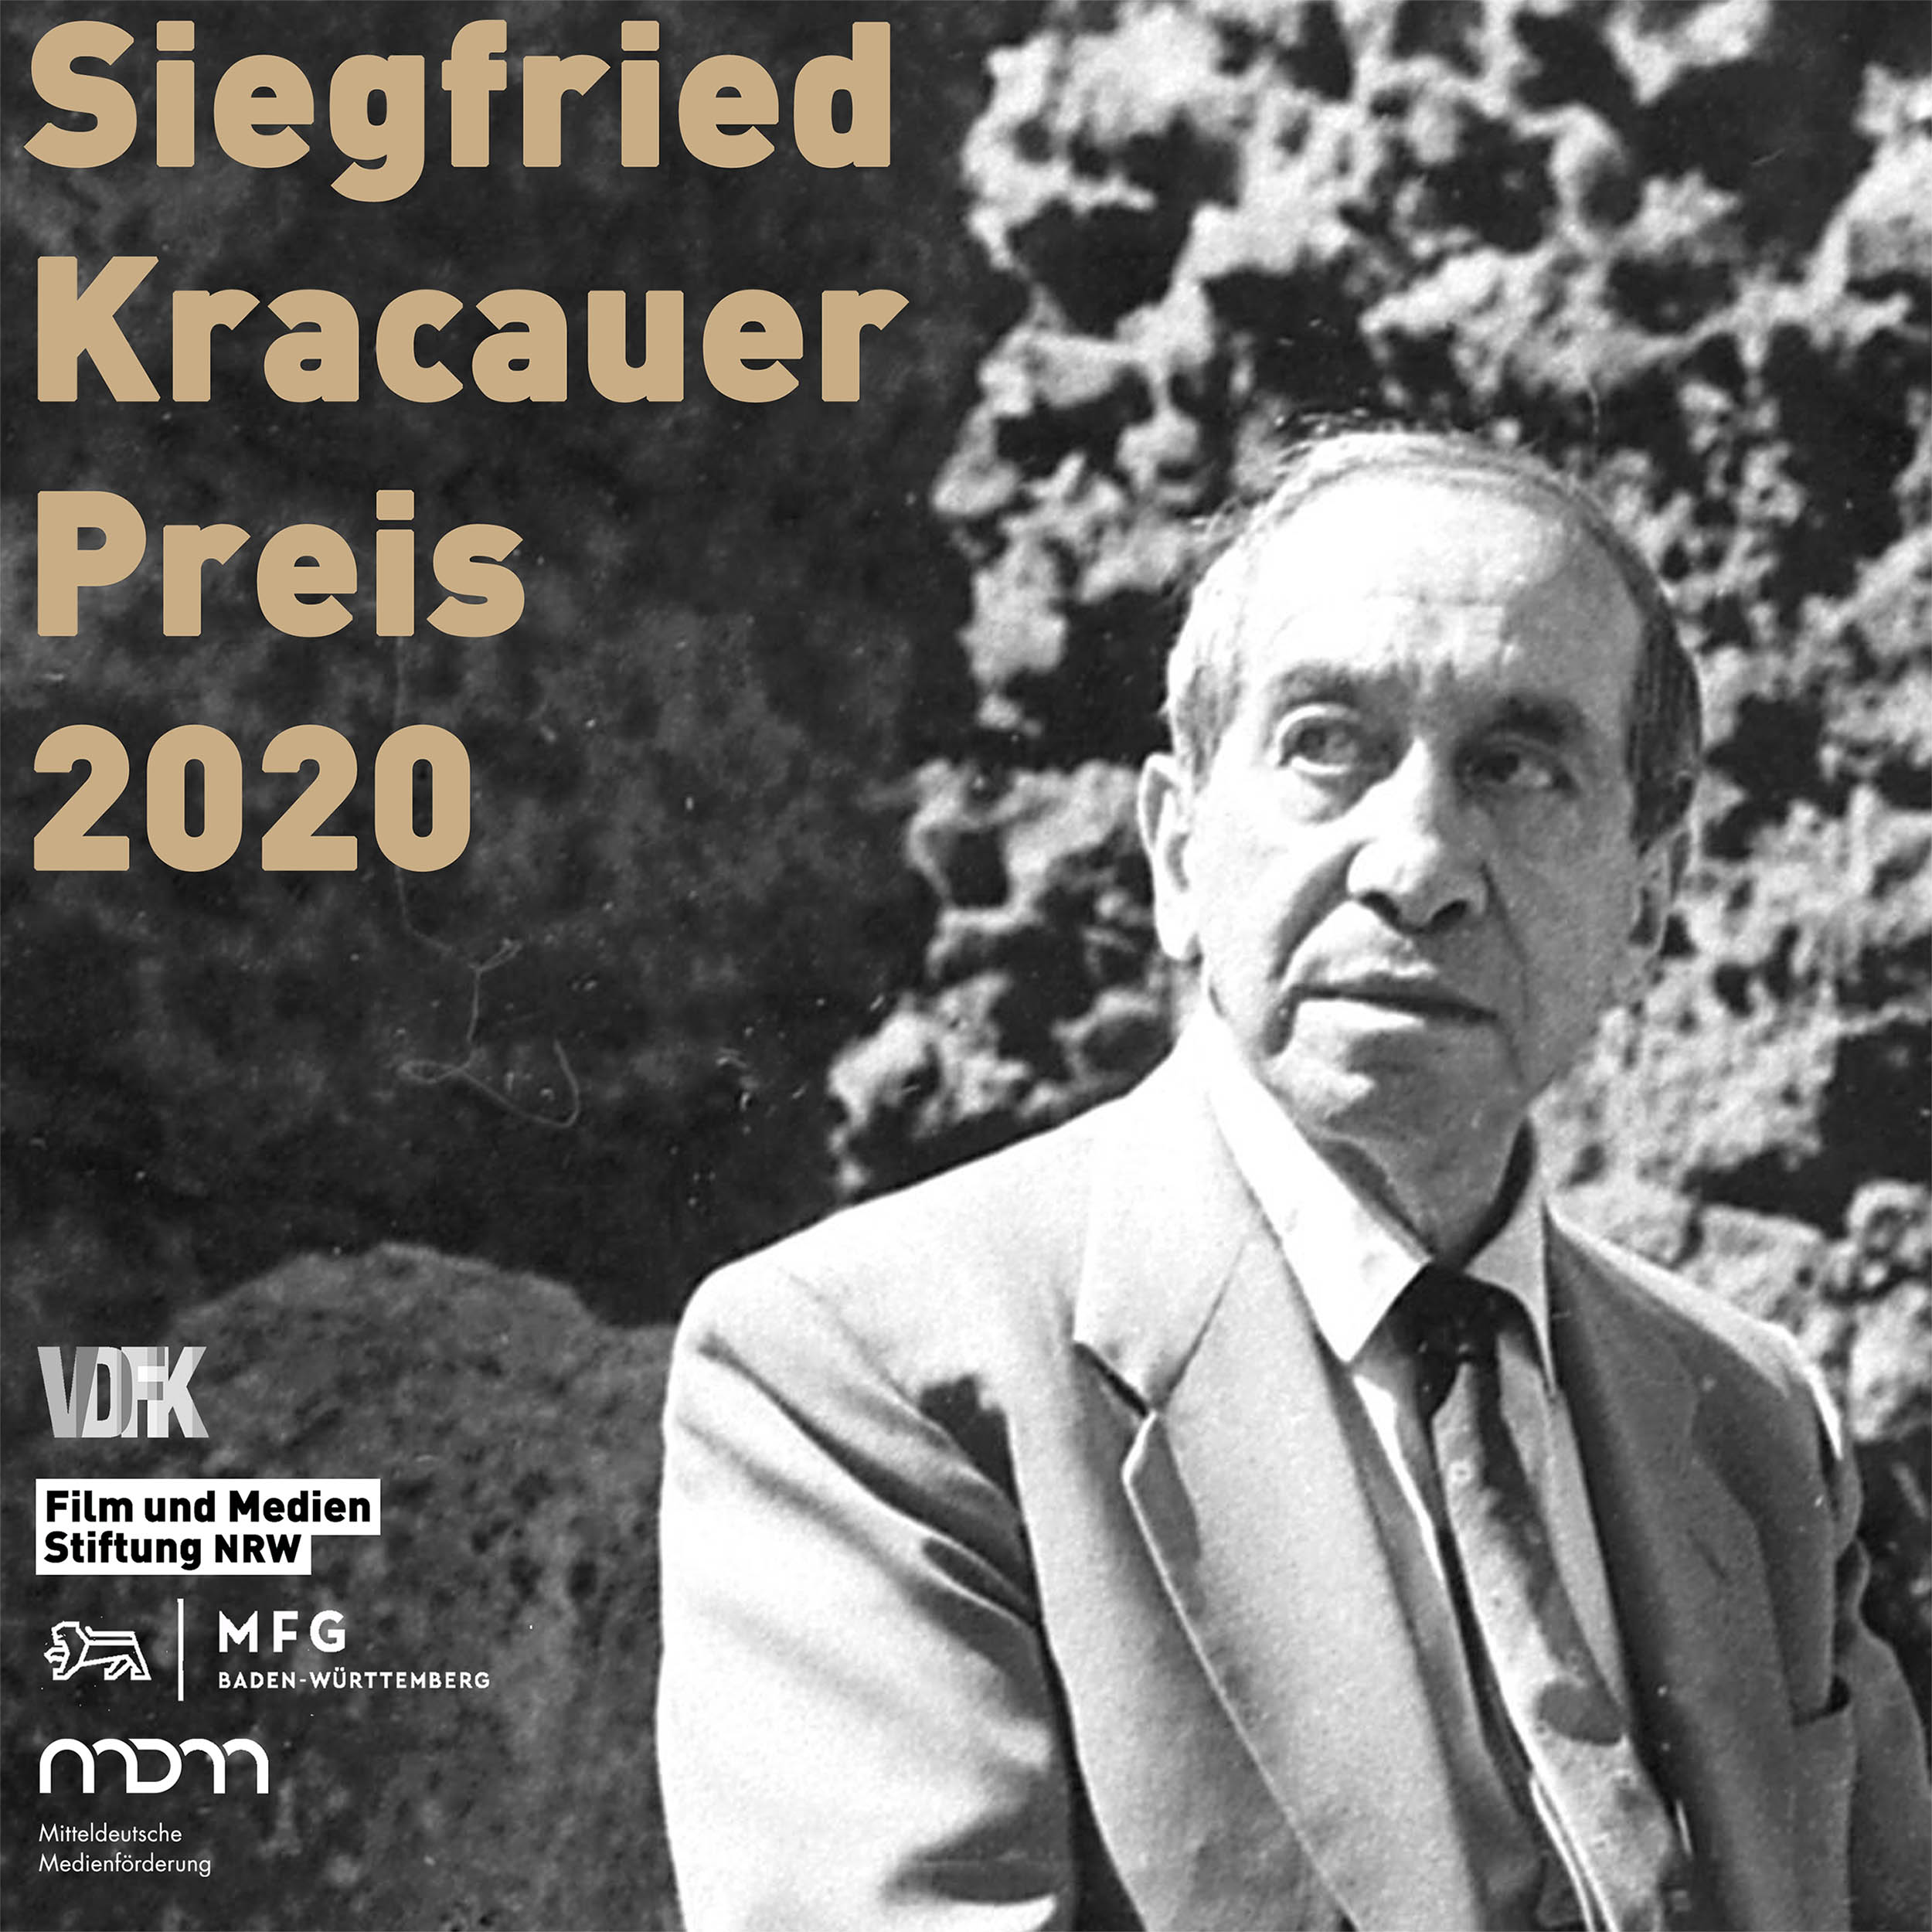 Siegfried Kracauer Preis